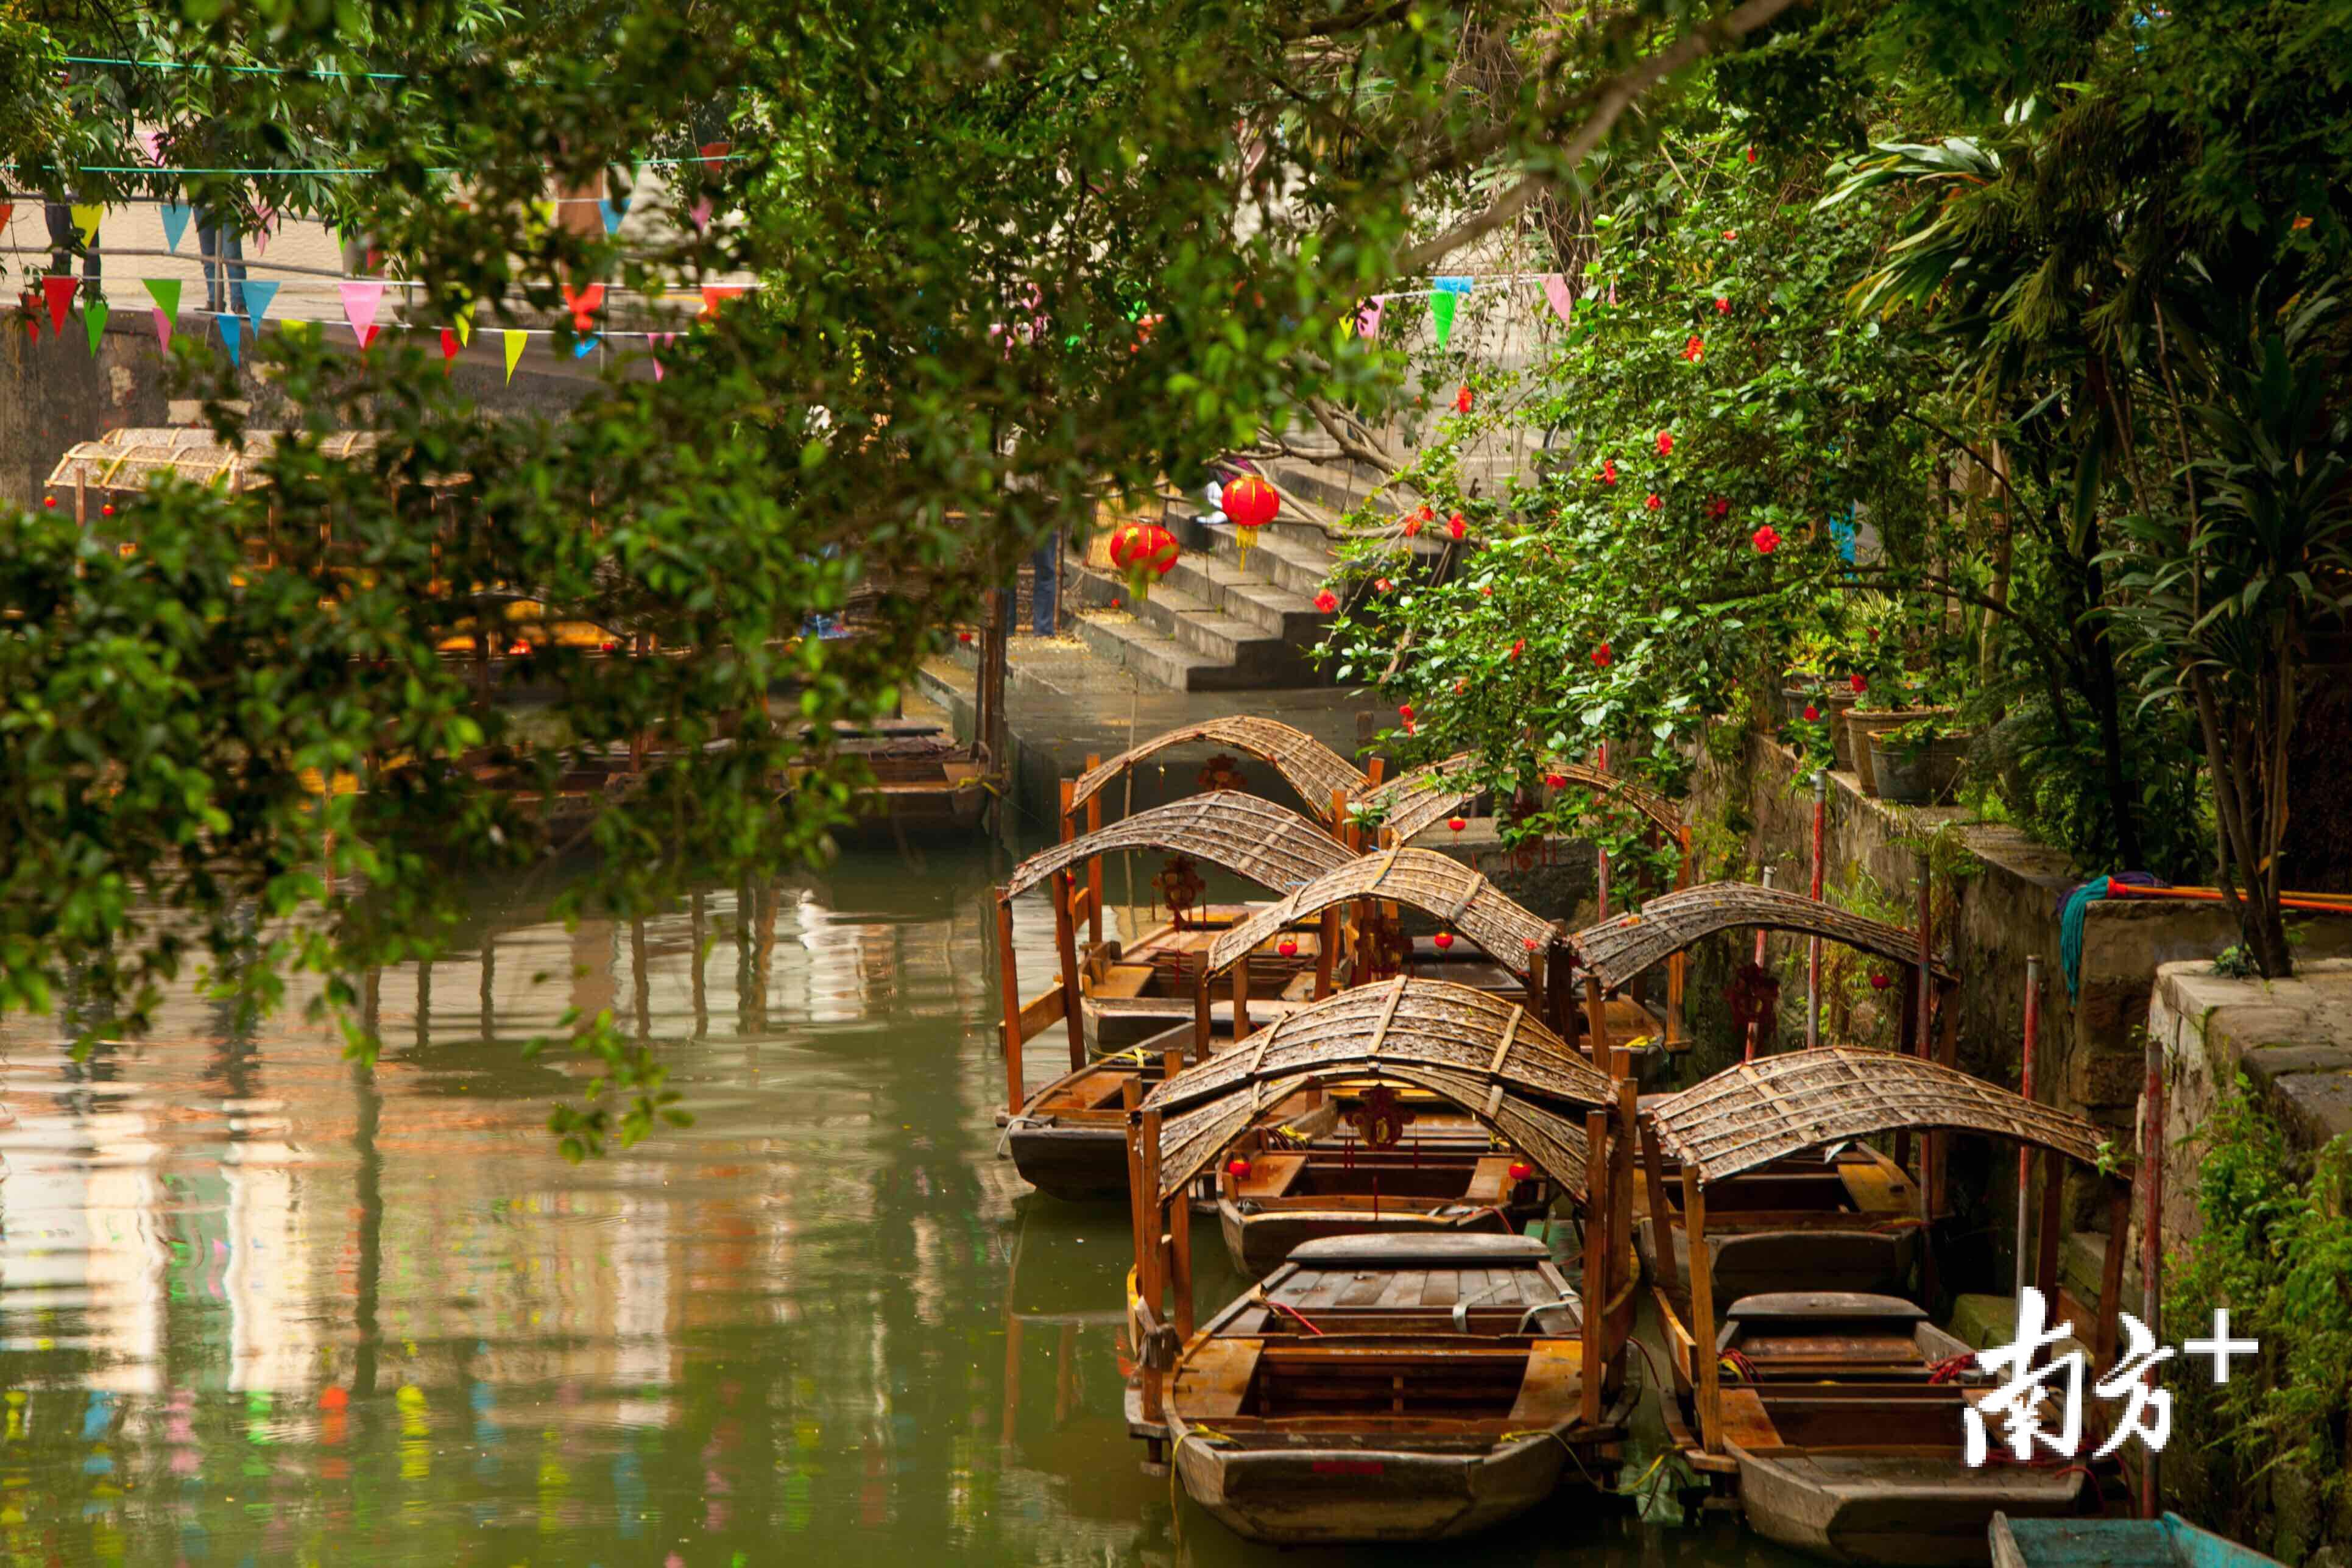 """逢简村河涌纵横交错,鱼塘星罗棋布,是珠三角""""桑基鱼塘""""模式的重要基地之一。杏坛宣办供图"""